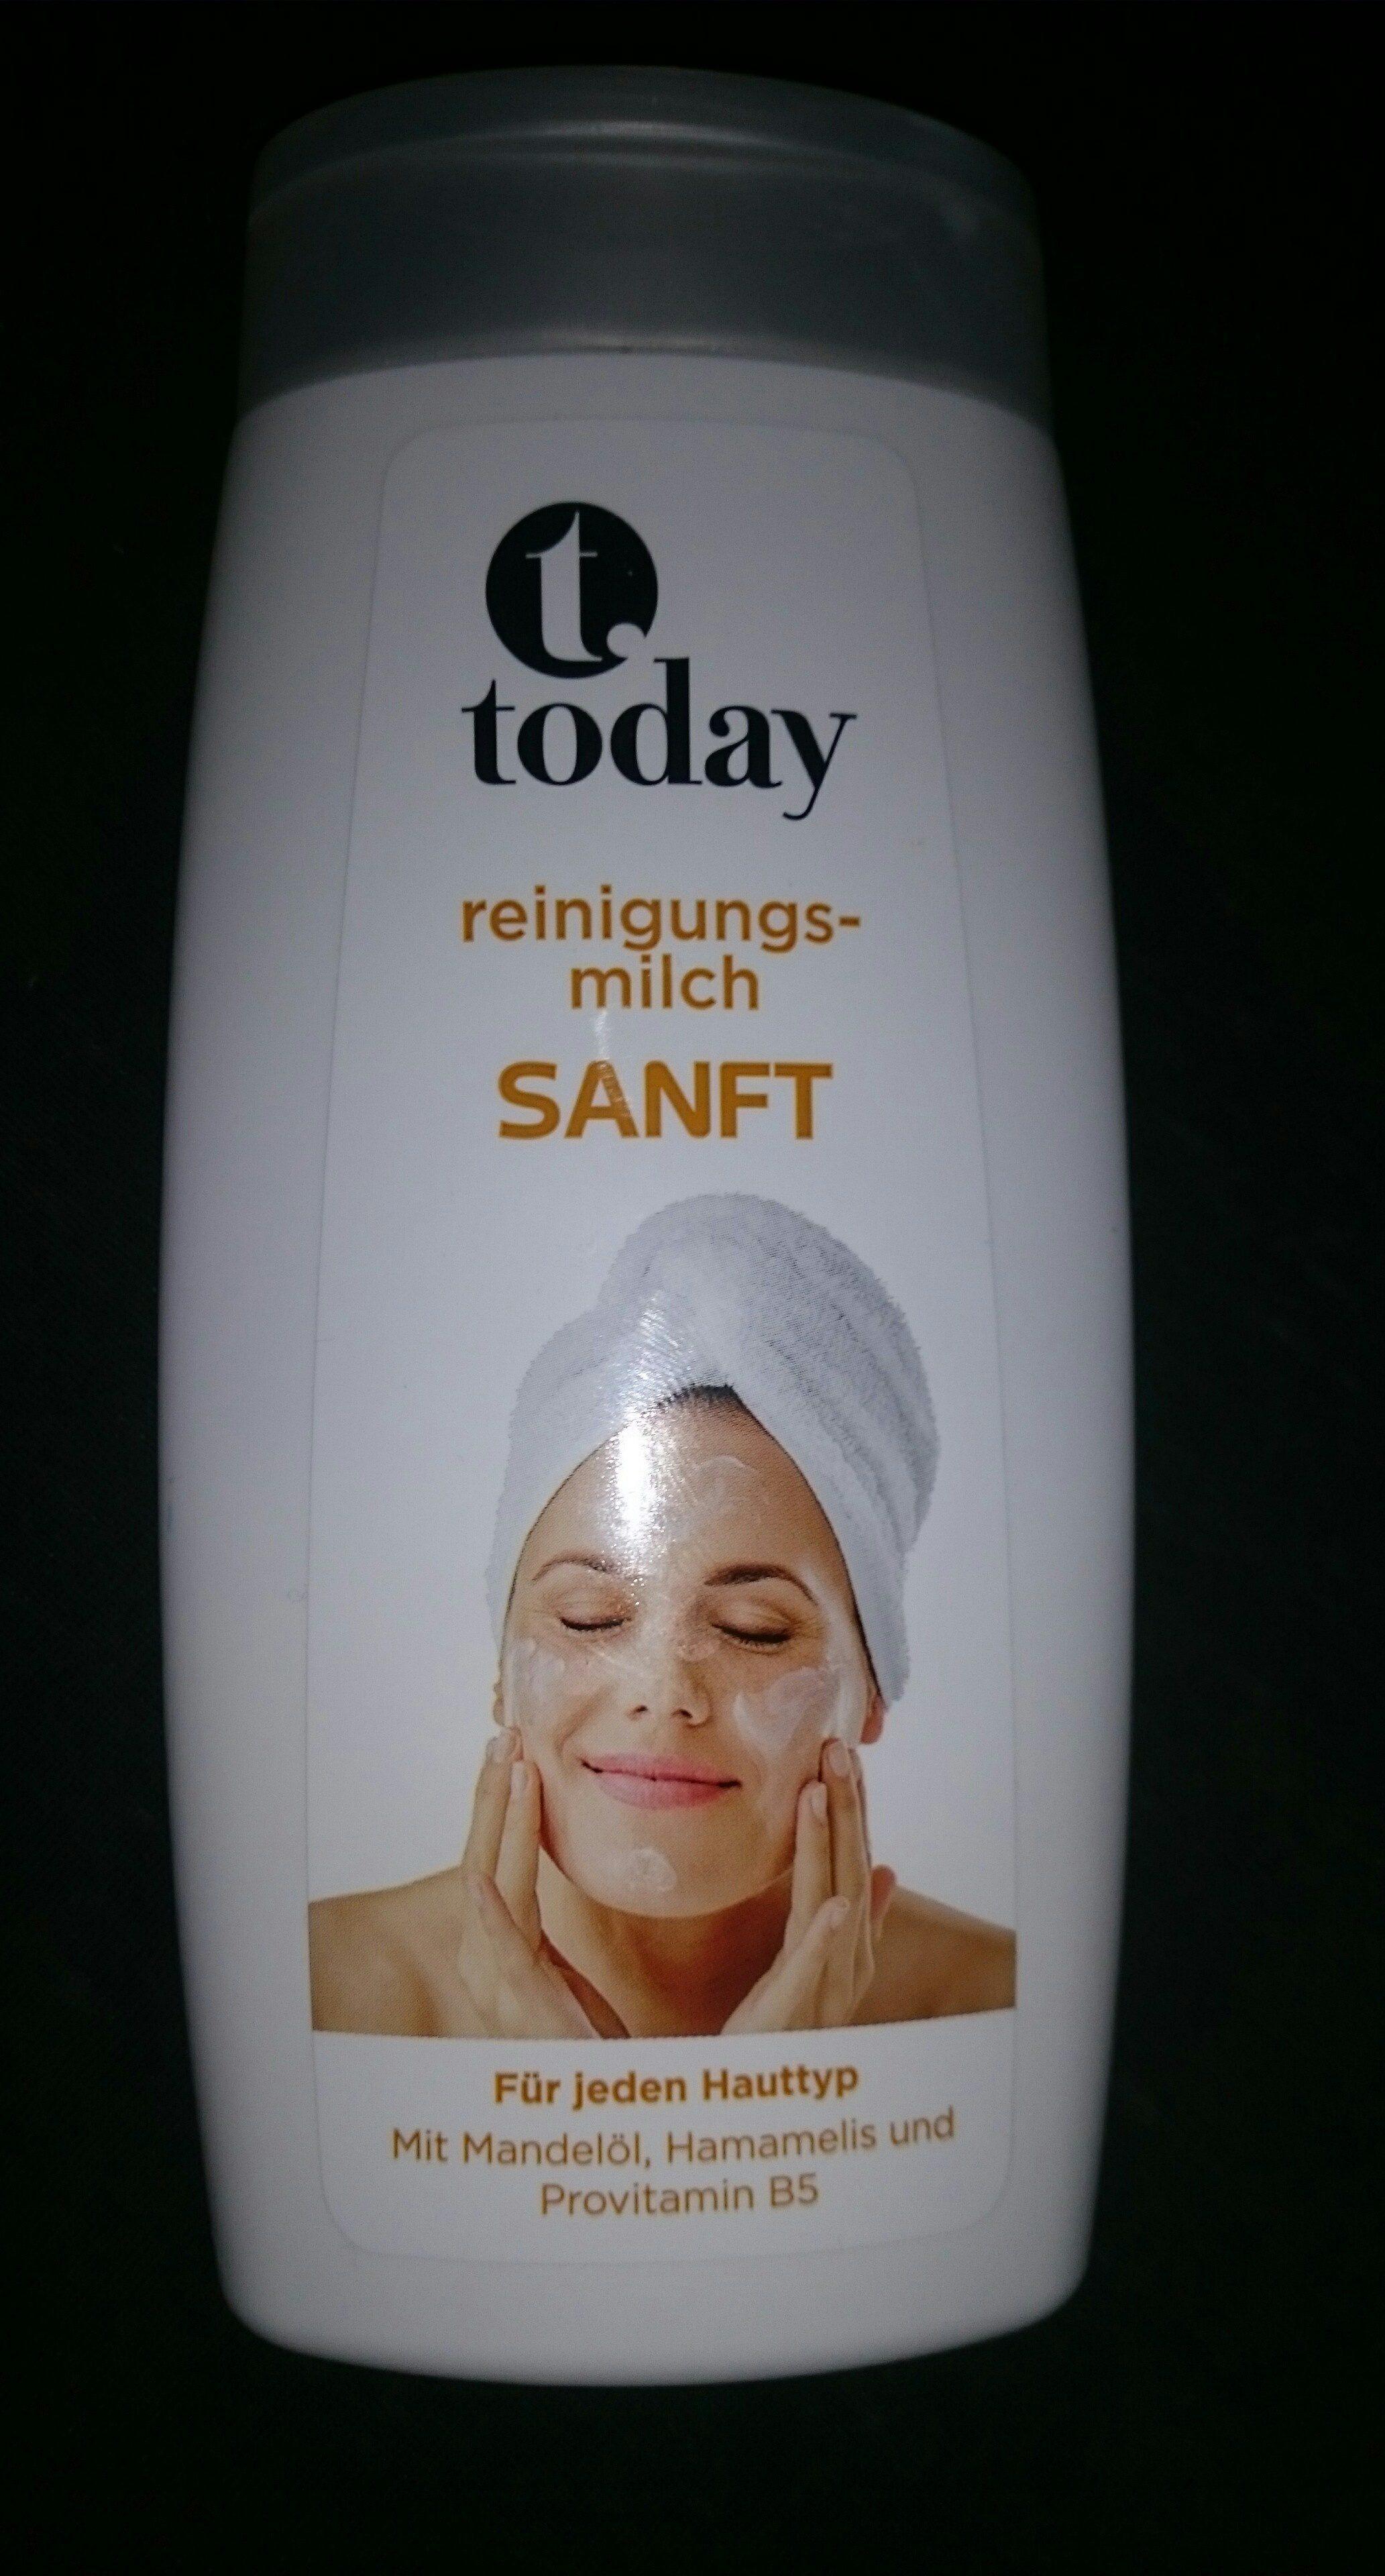 Reinigungsmilch sanft - Product